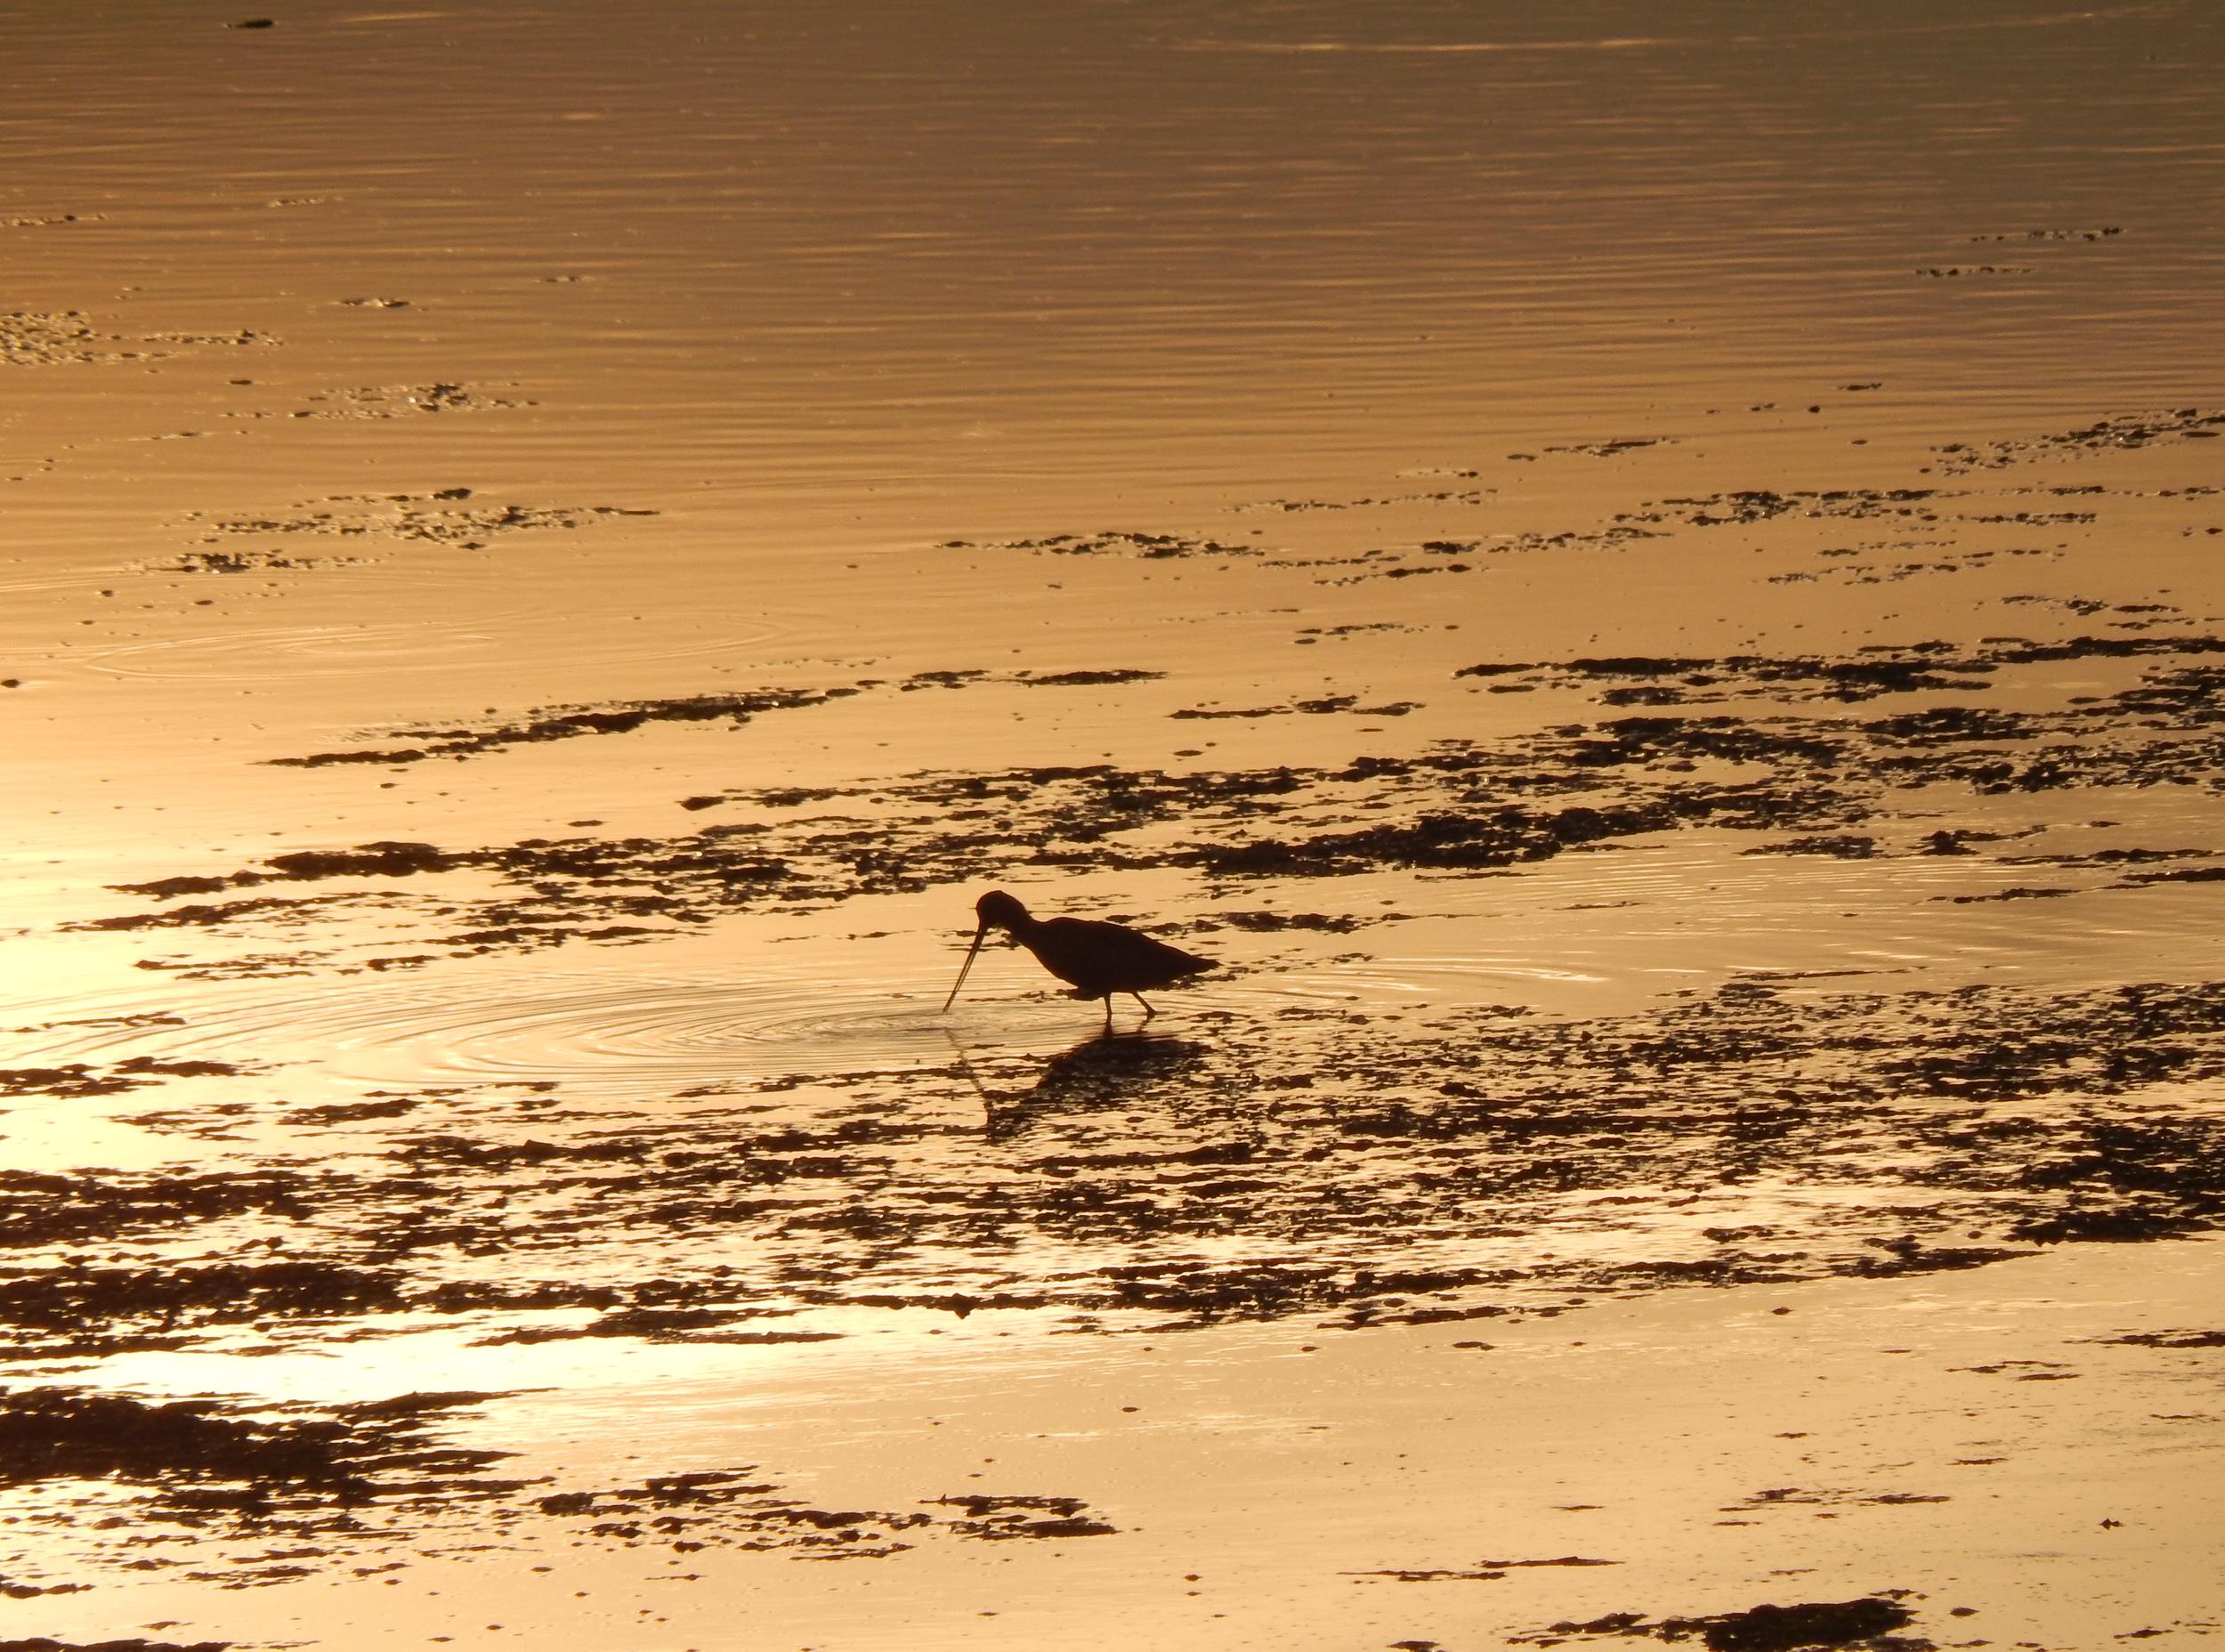 A Marbled Godwit (Limosa fedoa) at sunset. (Danielle Doyle)